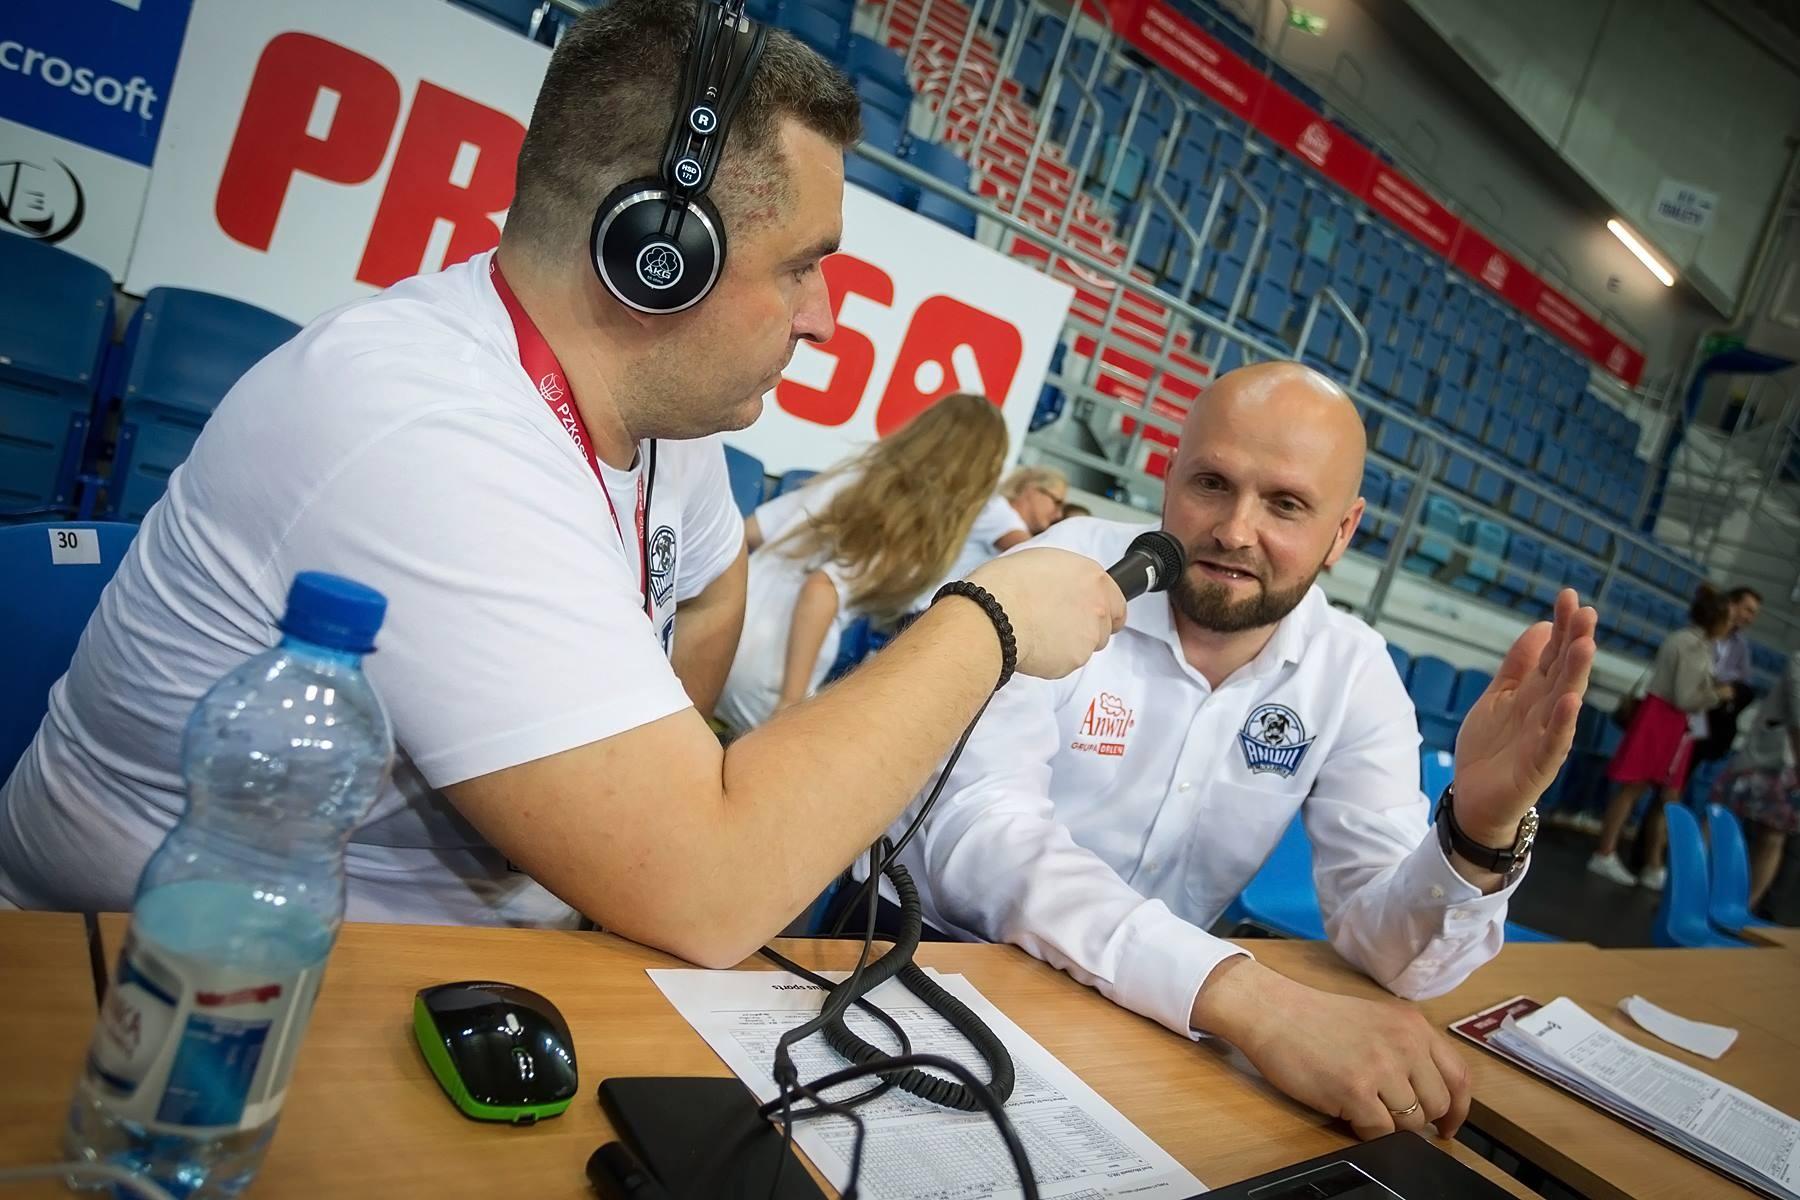 Termos z Podcastem #34: Echa półfinału - Woźniak, Zyskowski i wielkie emocje